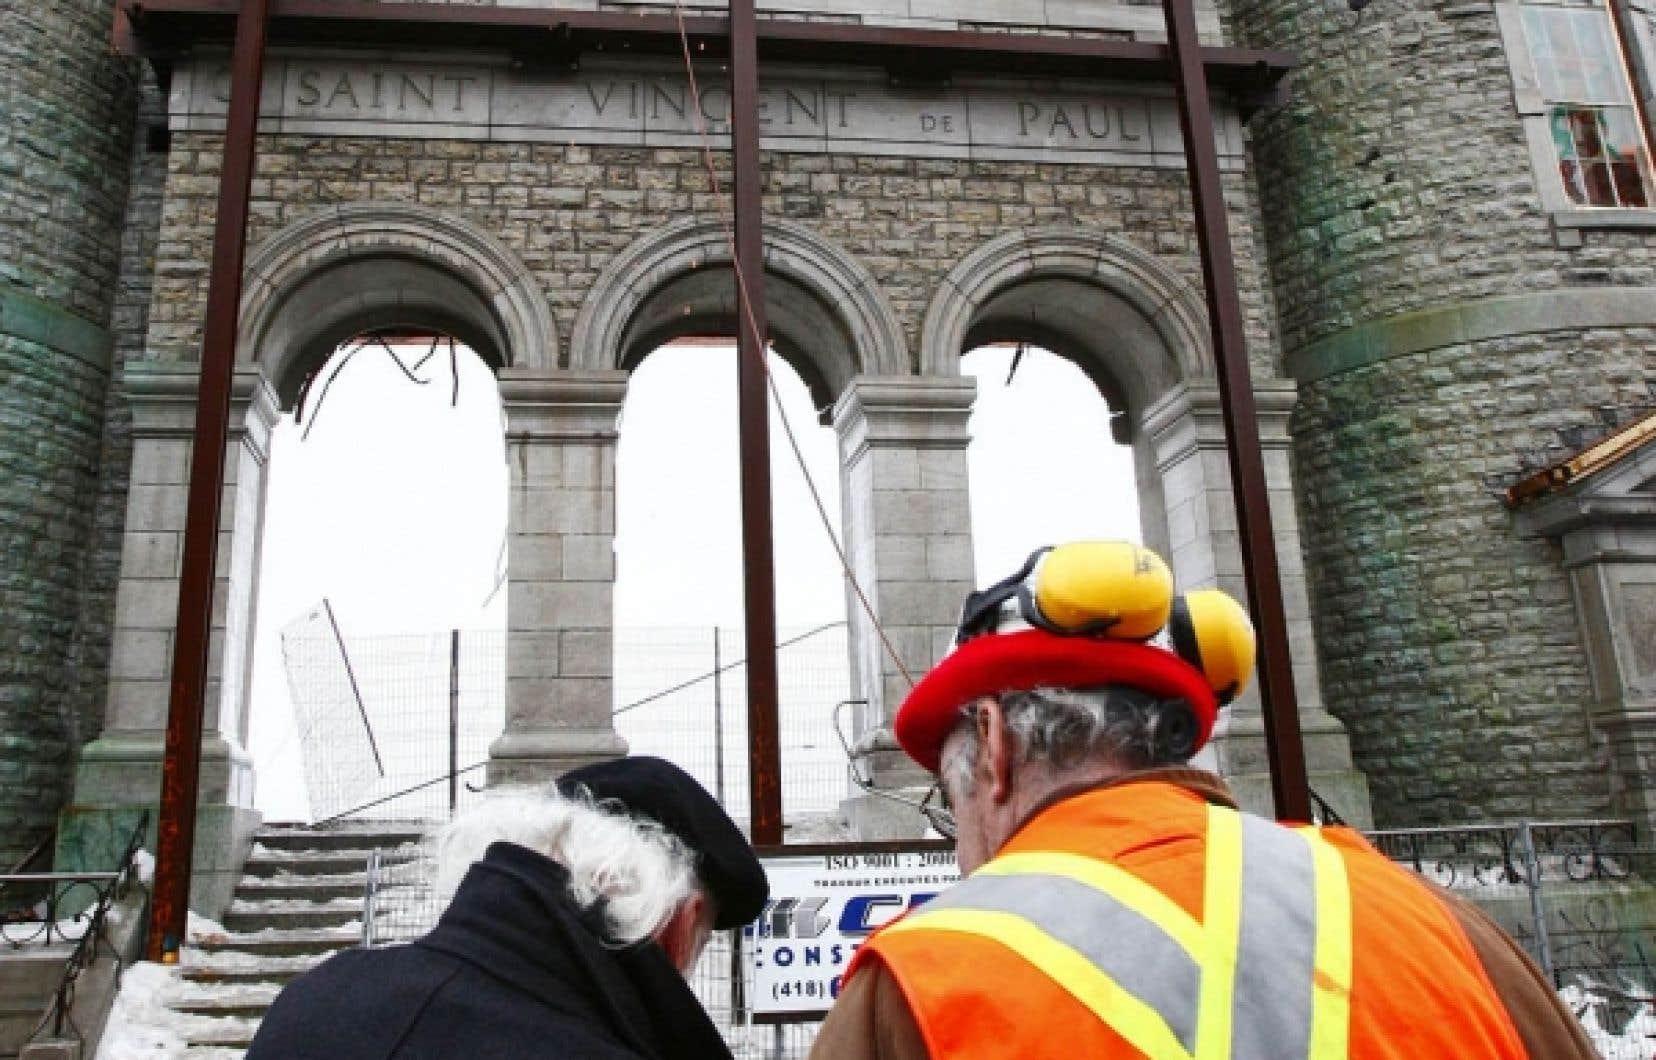 Les travaux préparatoires effectués hier autour de la façade ont révélé des problèmes de sécurité sur le chantier.